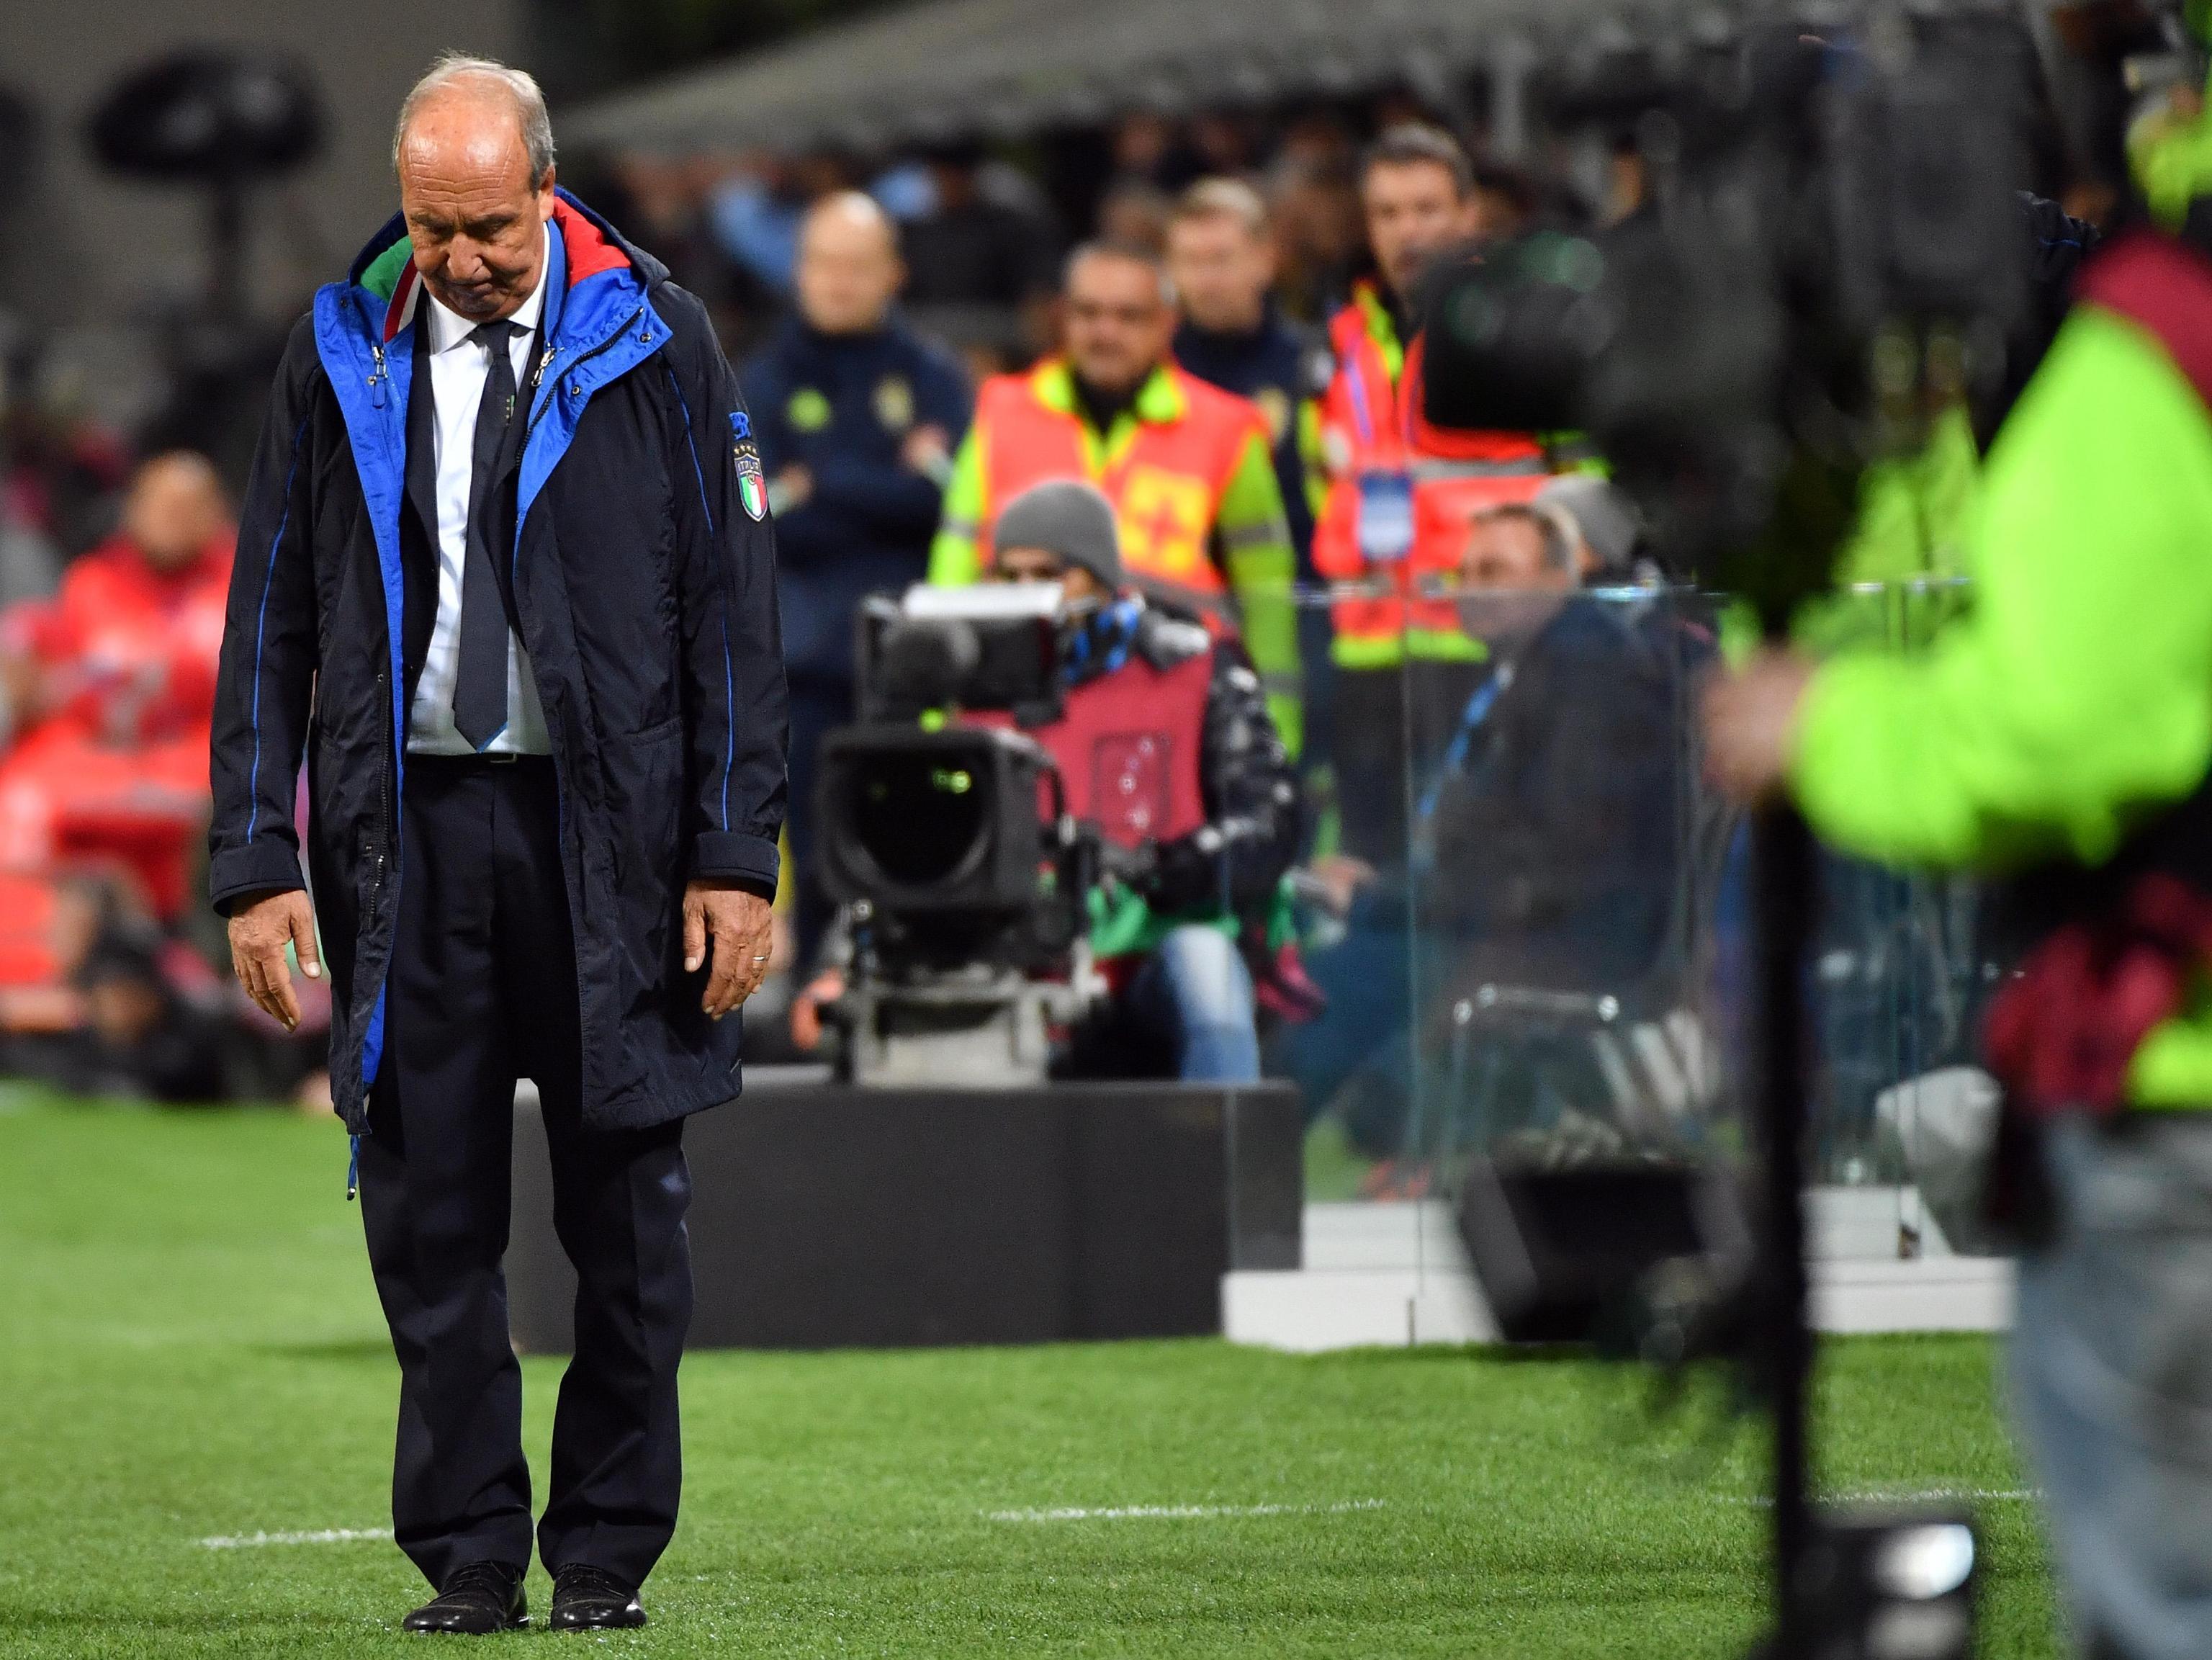 L'Italia è fuori dai Mondiali, non accadeva dal 1958: 0-0 contro la Svezia a San Siro